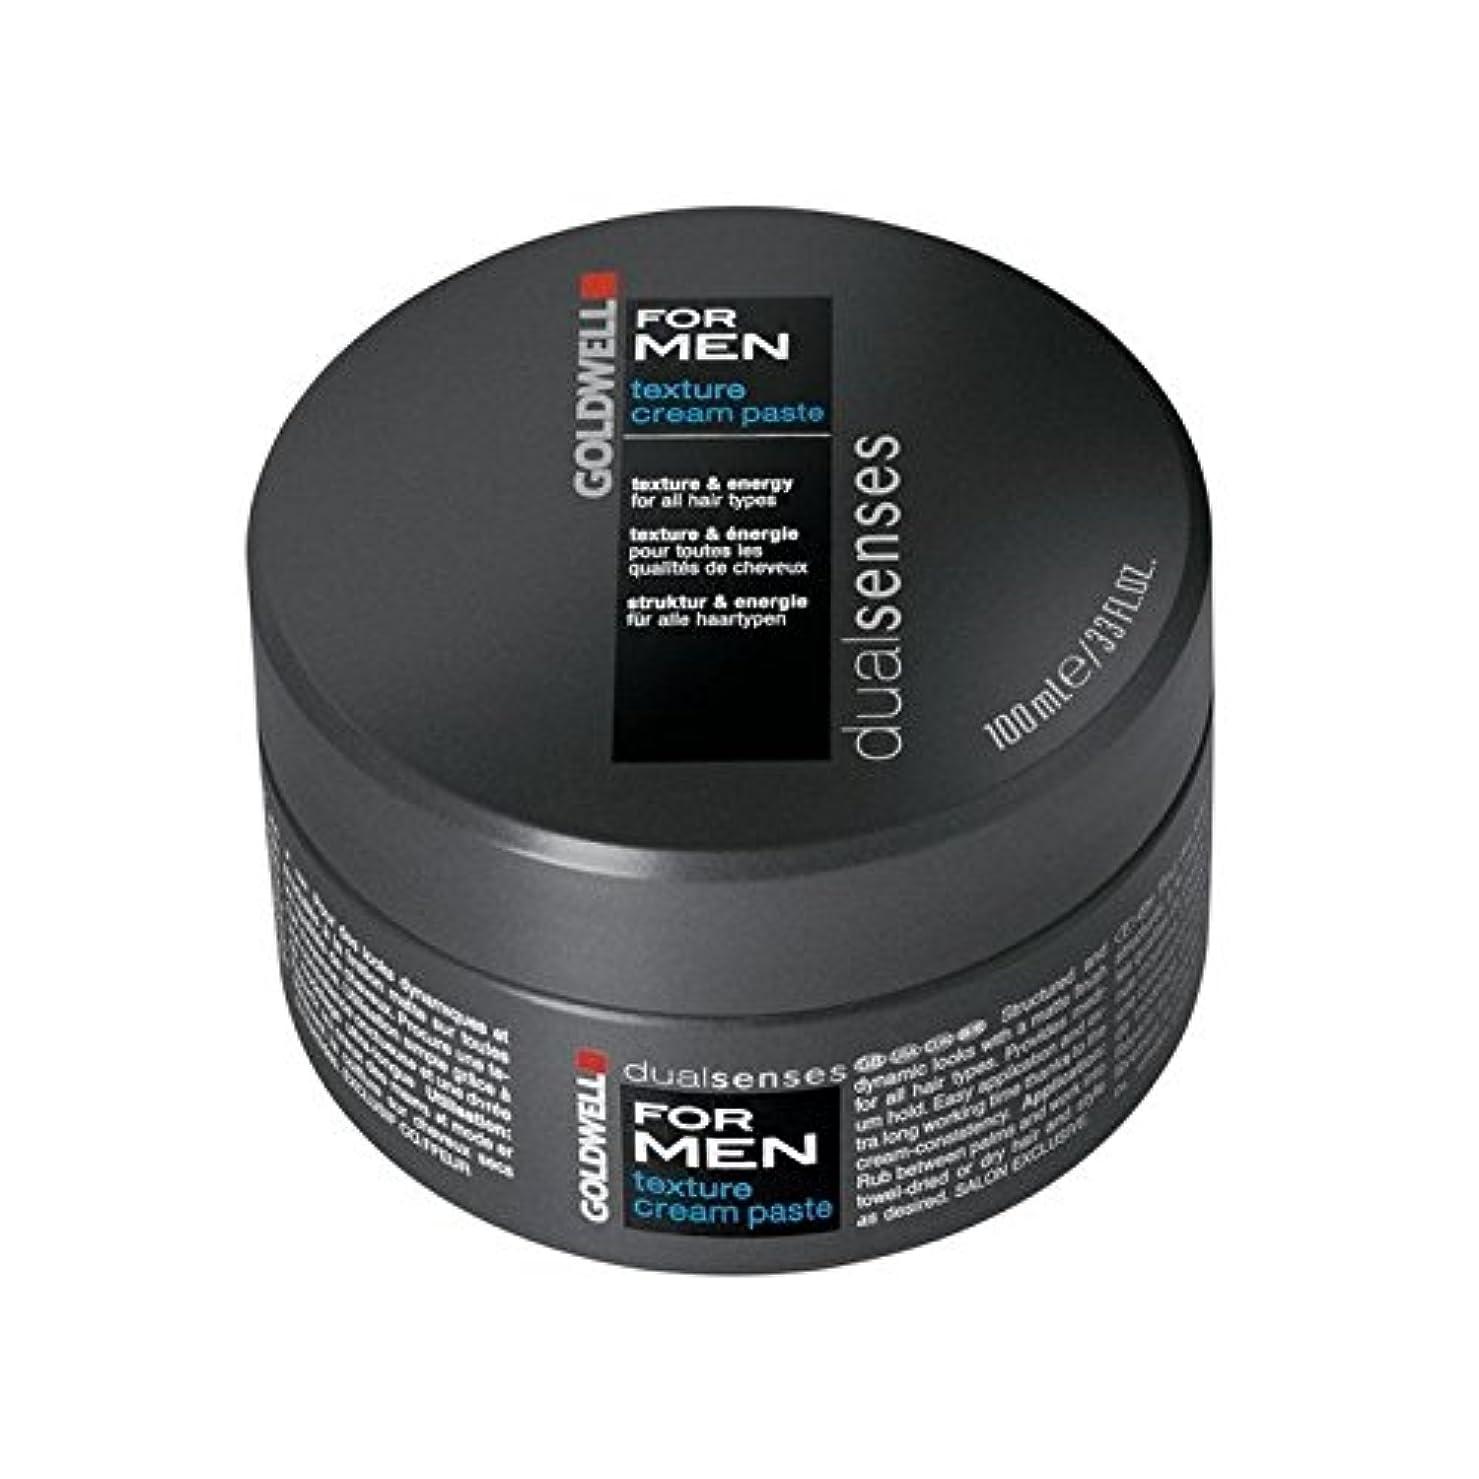 負置くためにパックりGoldwell Dualsenses For Men Texture Cream Paste (100ml) (Pack of 6) - 男性のテクスチャーのクリームペースト(100ミリリットル)のためのの x6 [並行輸入品]